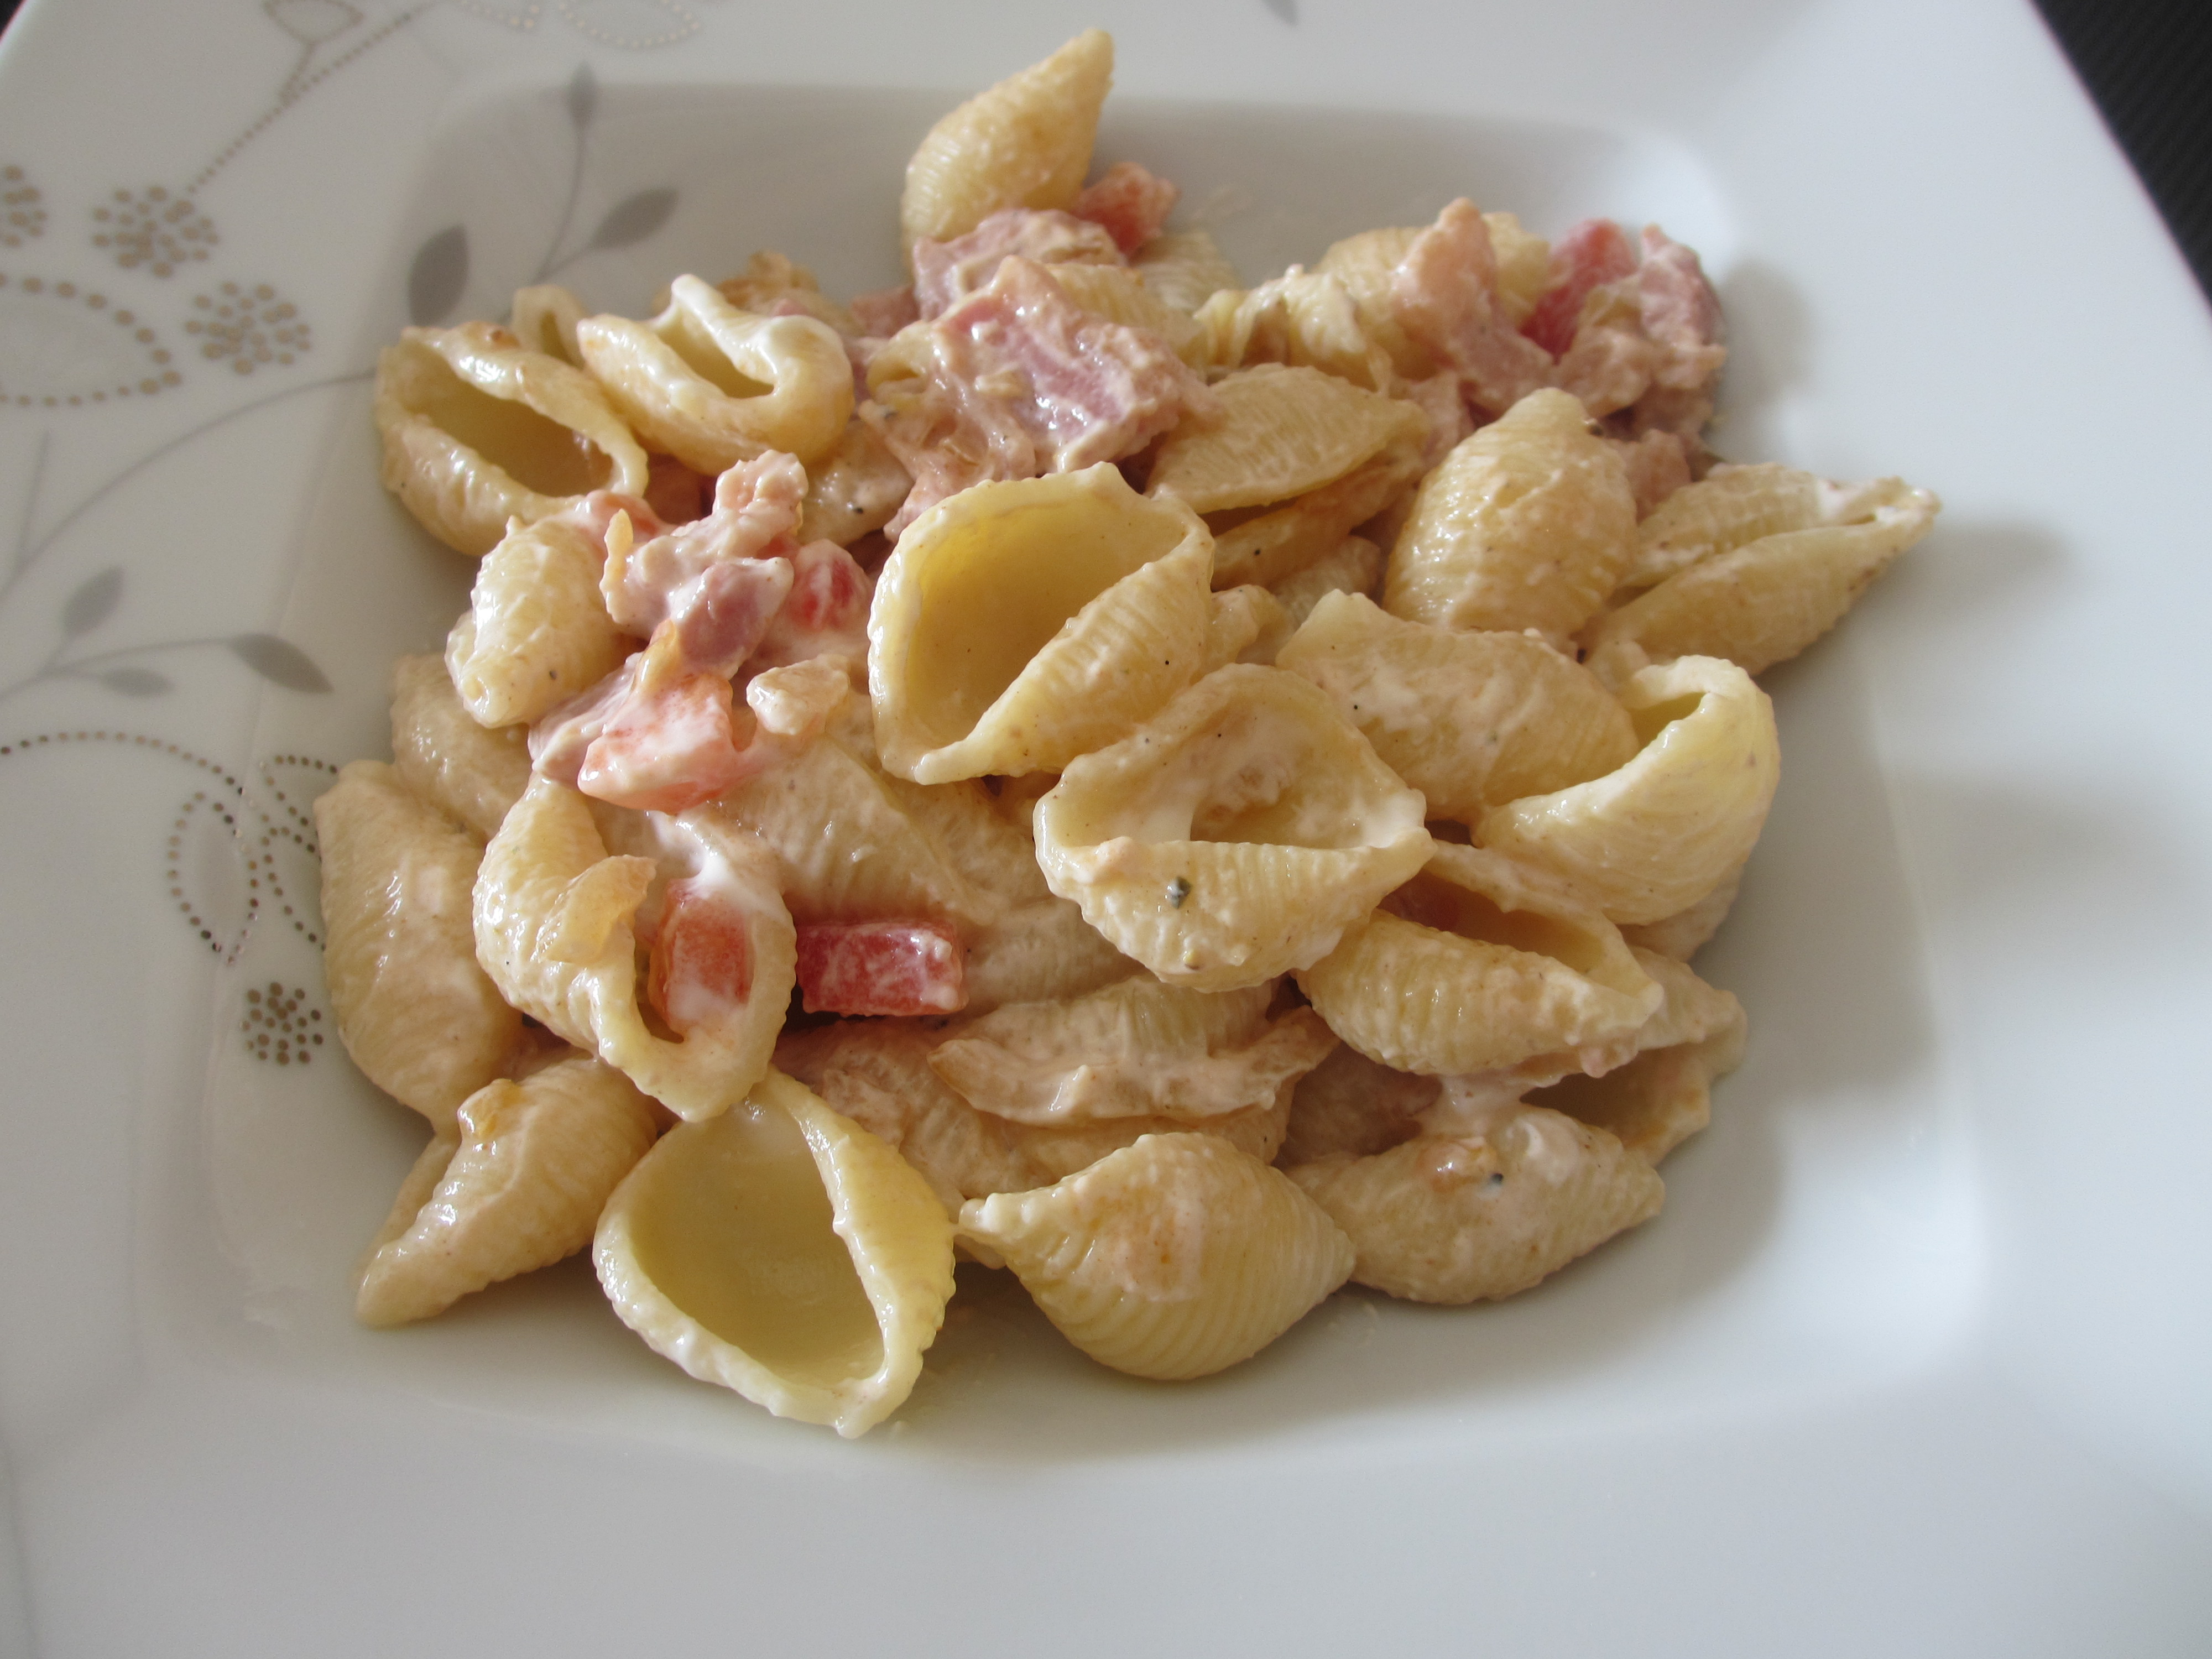 Salade de p tes au lard et fromage blanc diet d lices recettes diet tiques - Quantite fromage par personne ...